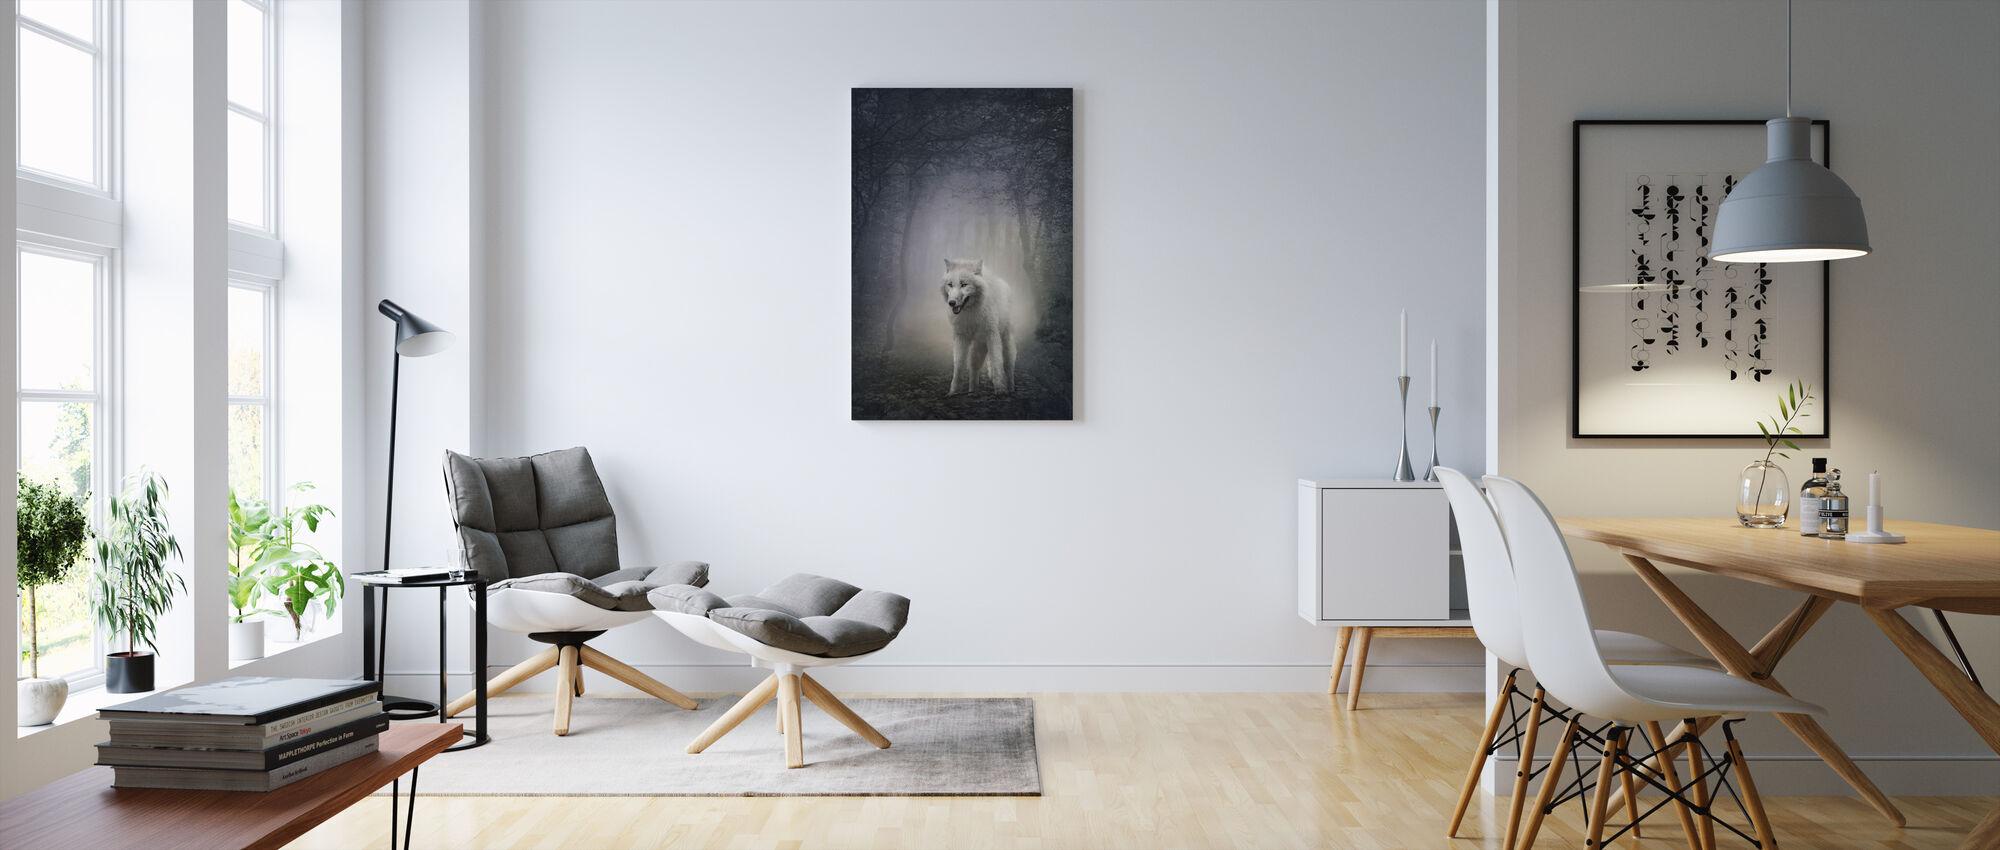 Hvid Ulv i natskoven - Billede på lærred - Stue